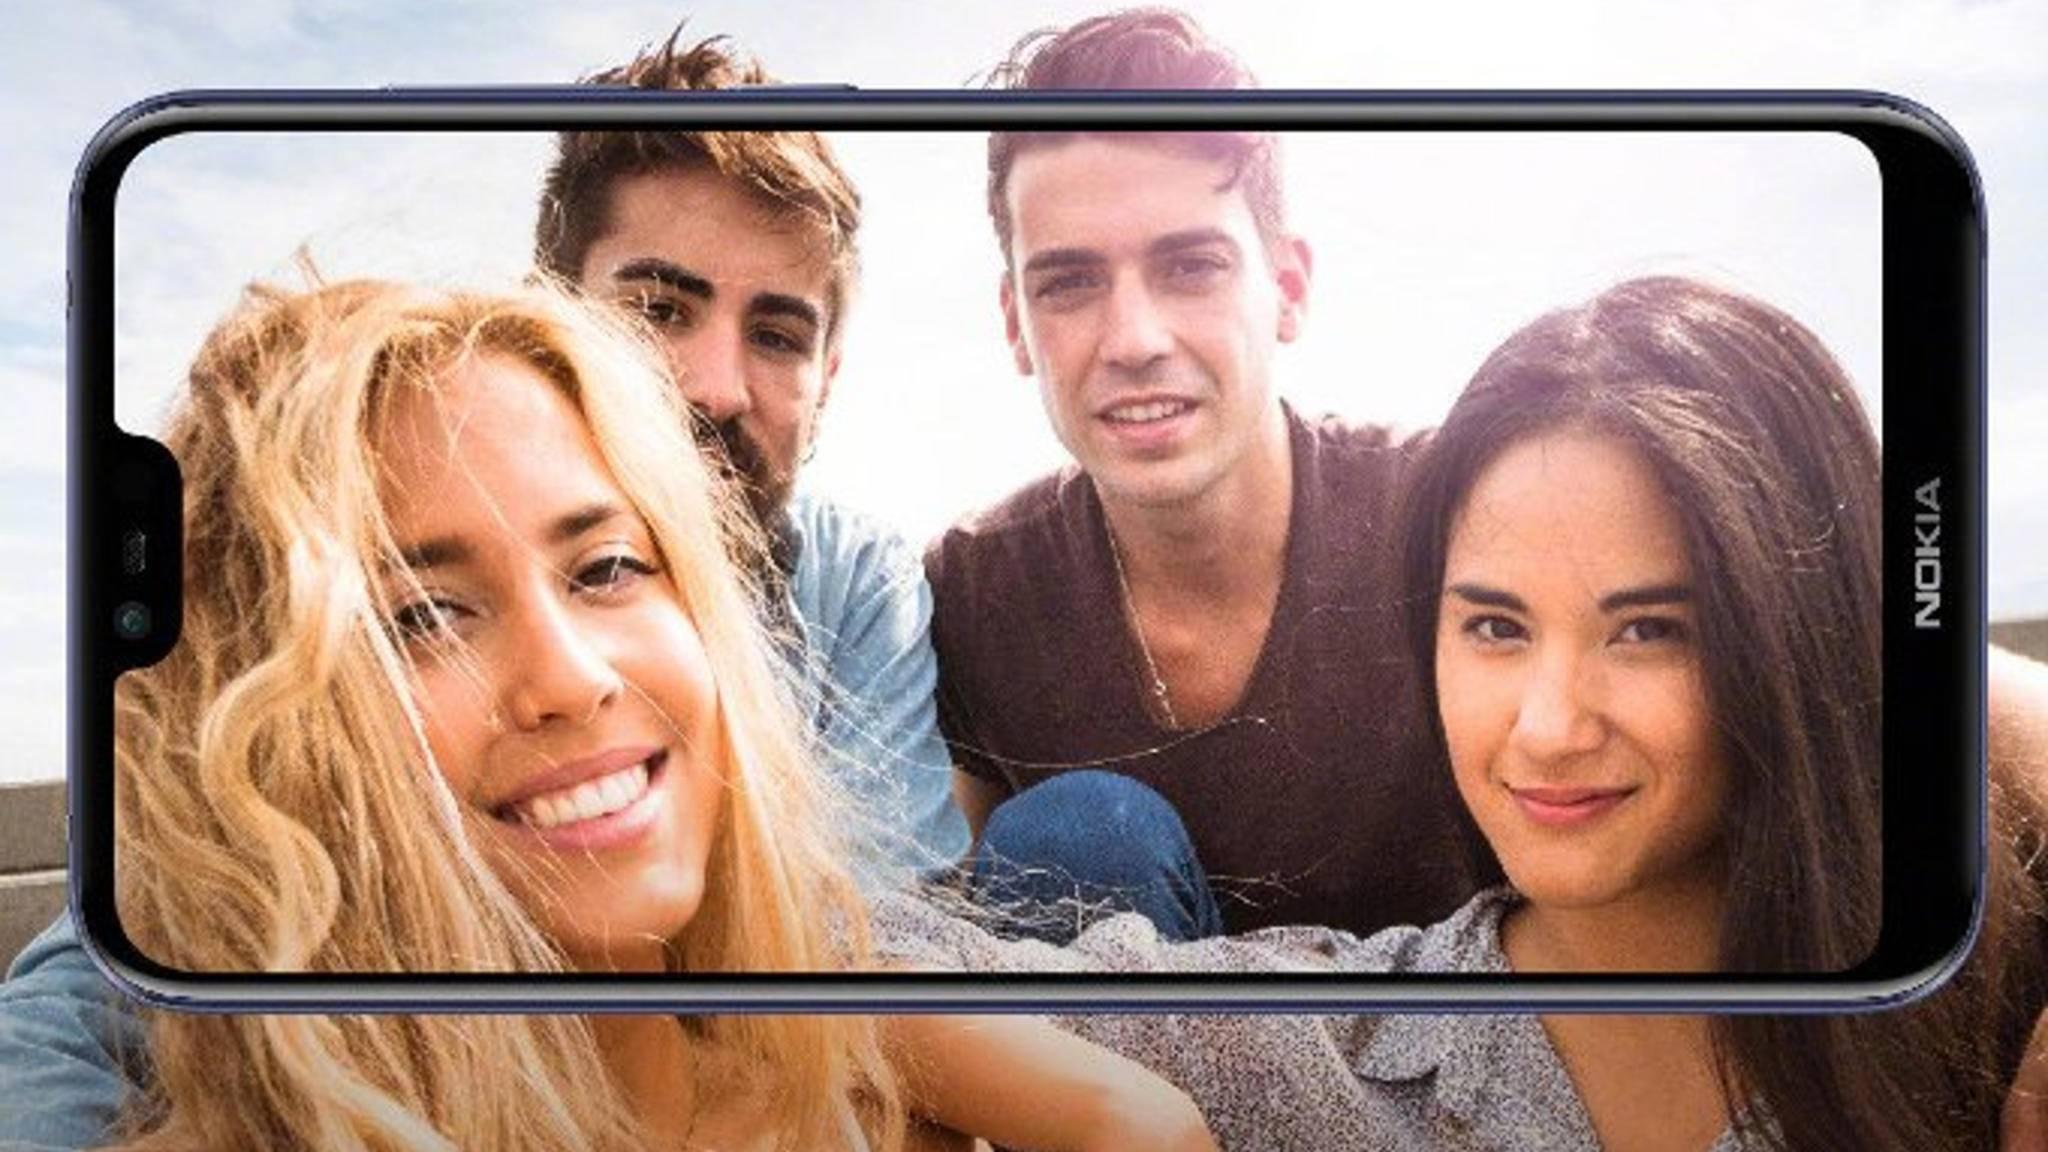 Das Nokia X soll das erste Smartphone von HMD mit Notch werden.